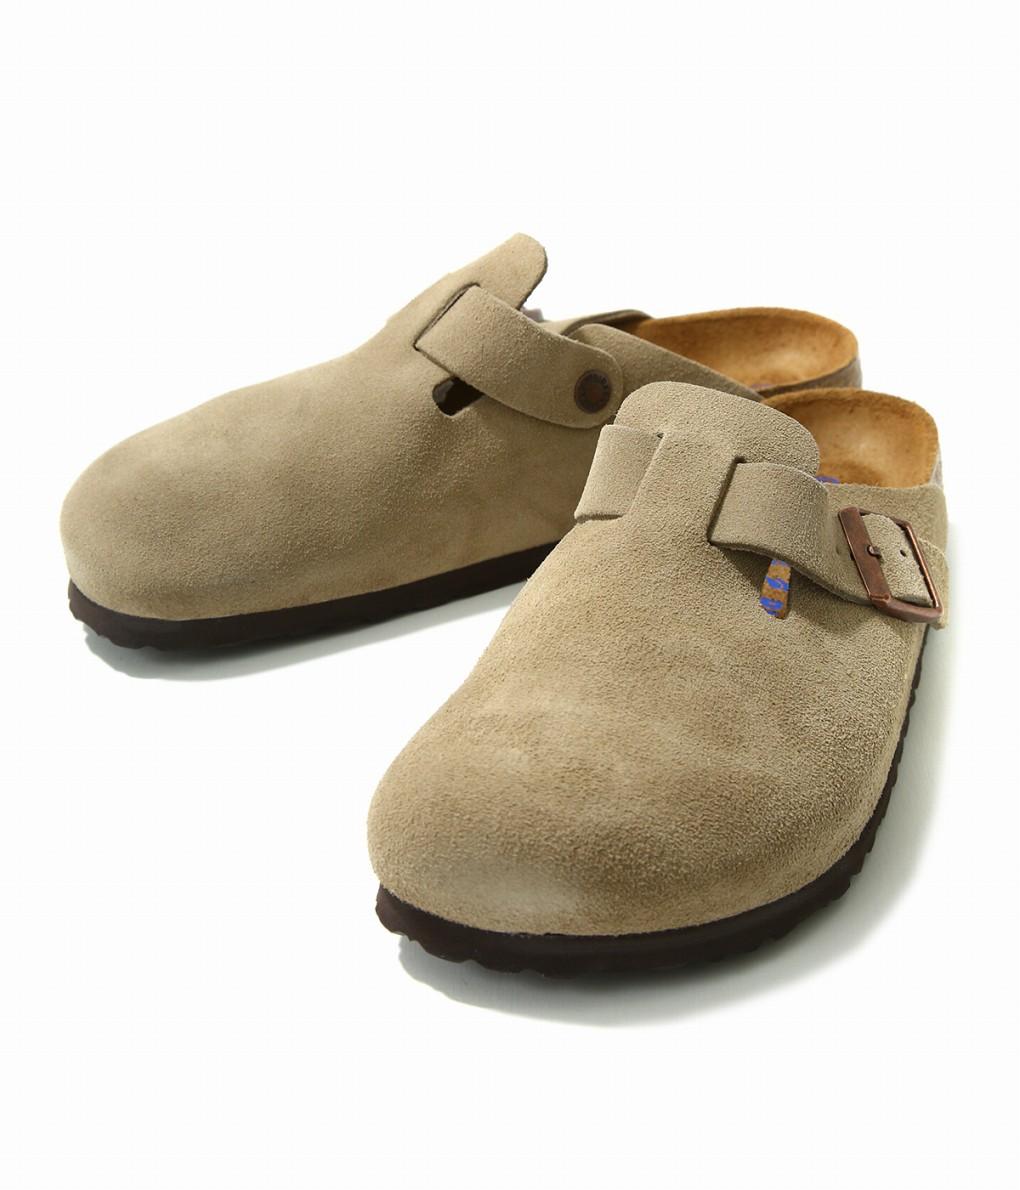 BIRKENSTOCK / ビルケンシュトック : Boston SFB (ナローフィット) : ビルケン サンダル leather-fair-shoes BIRKEN ボストン メンズ : 560773 【STD】